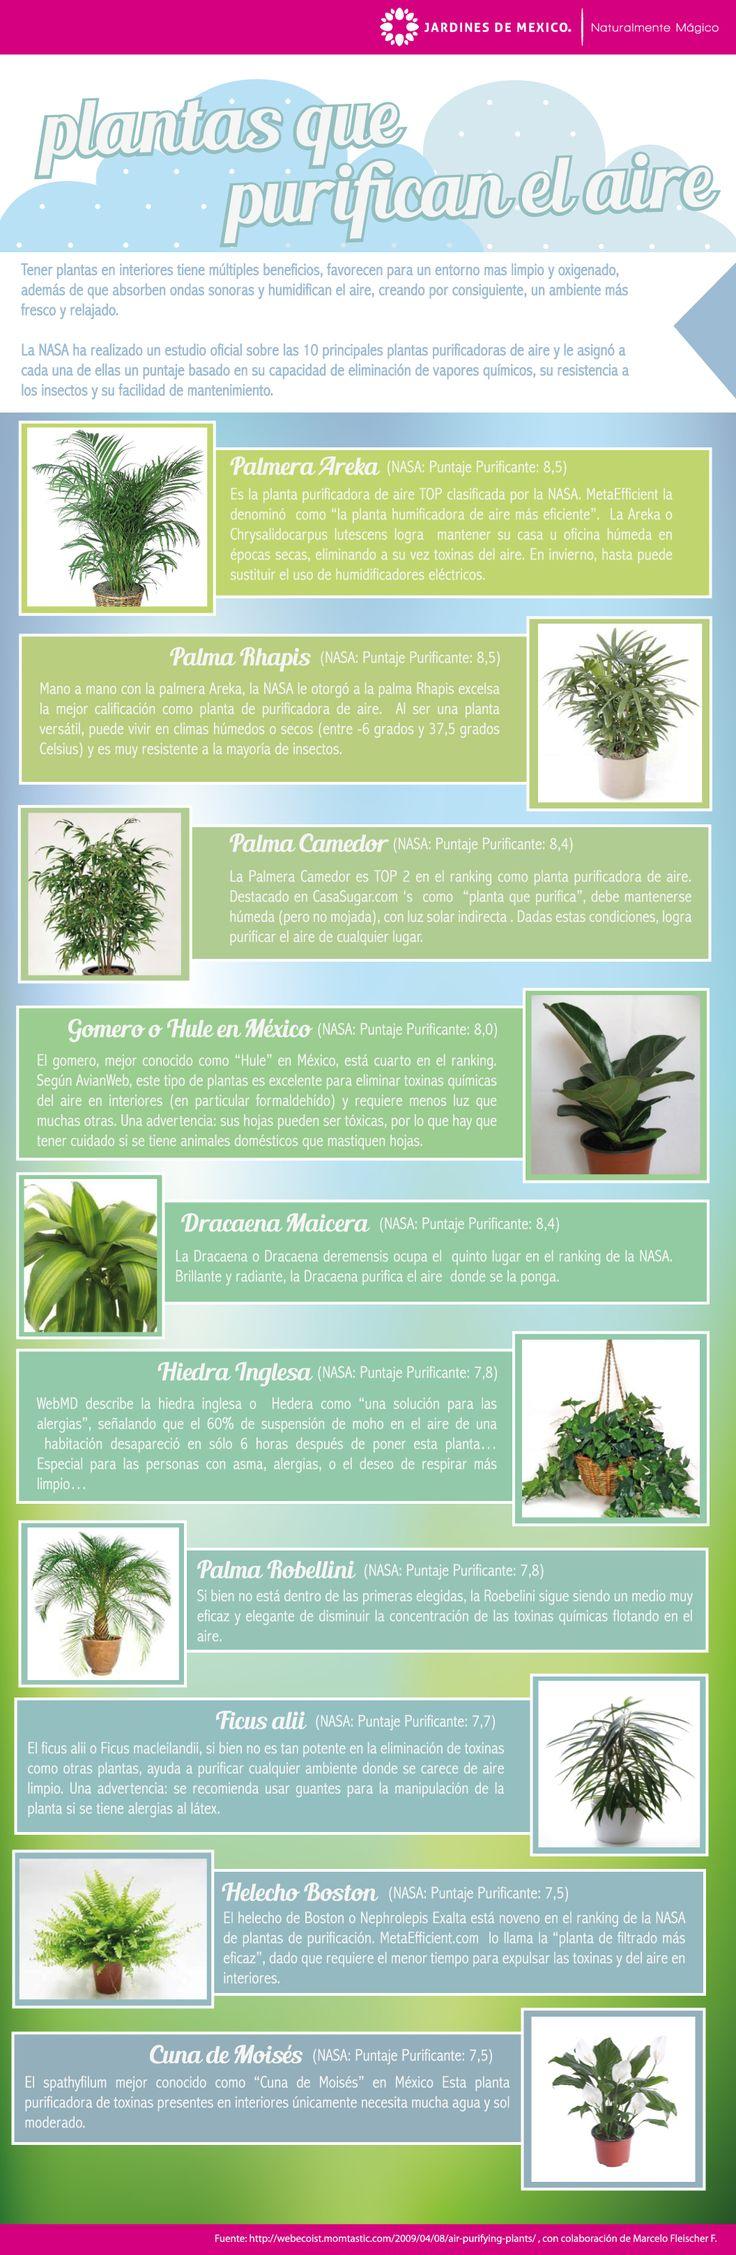 10 plantas purificadoras de aire para hogares y oficinas.  Artículo: http://jardinesdemexico.org/blog/?tag=purifica  #jardinería #plantas #salud